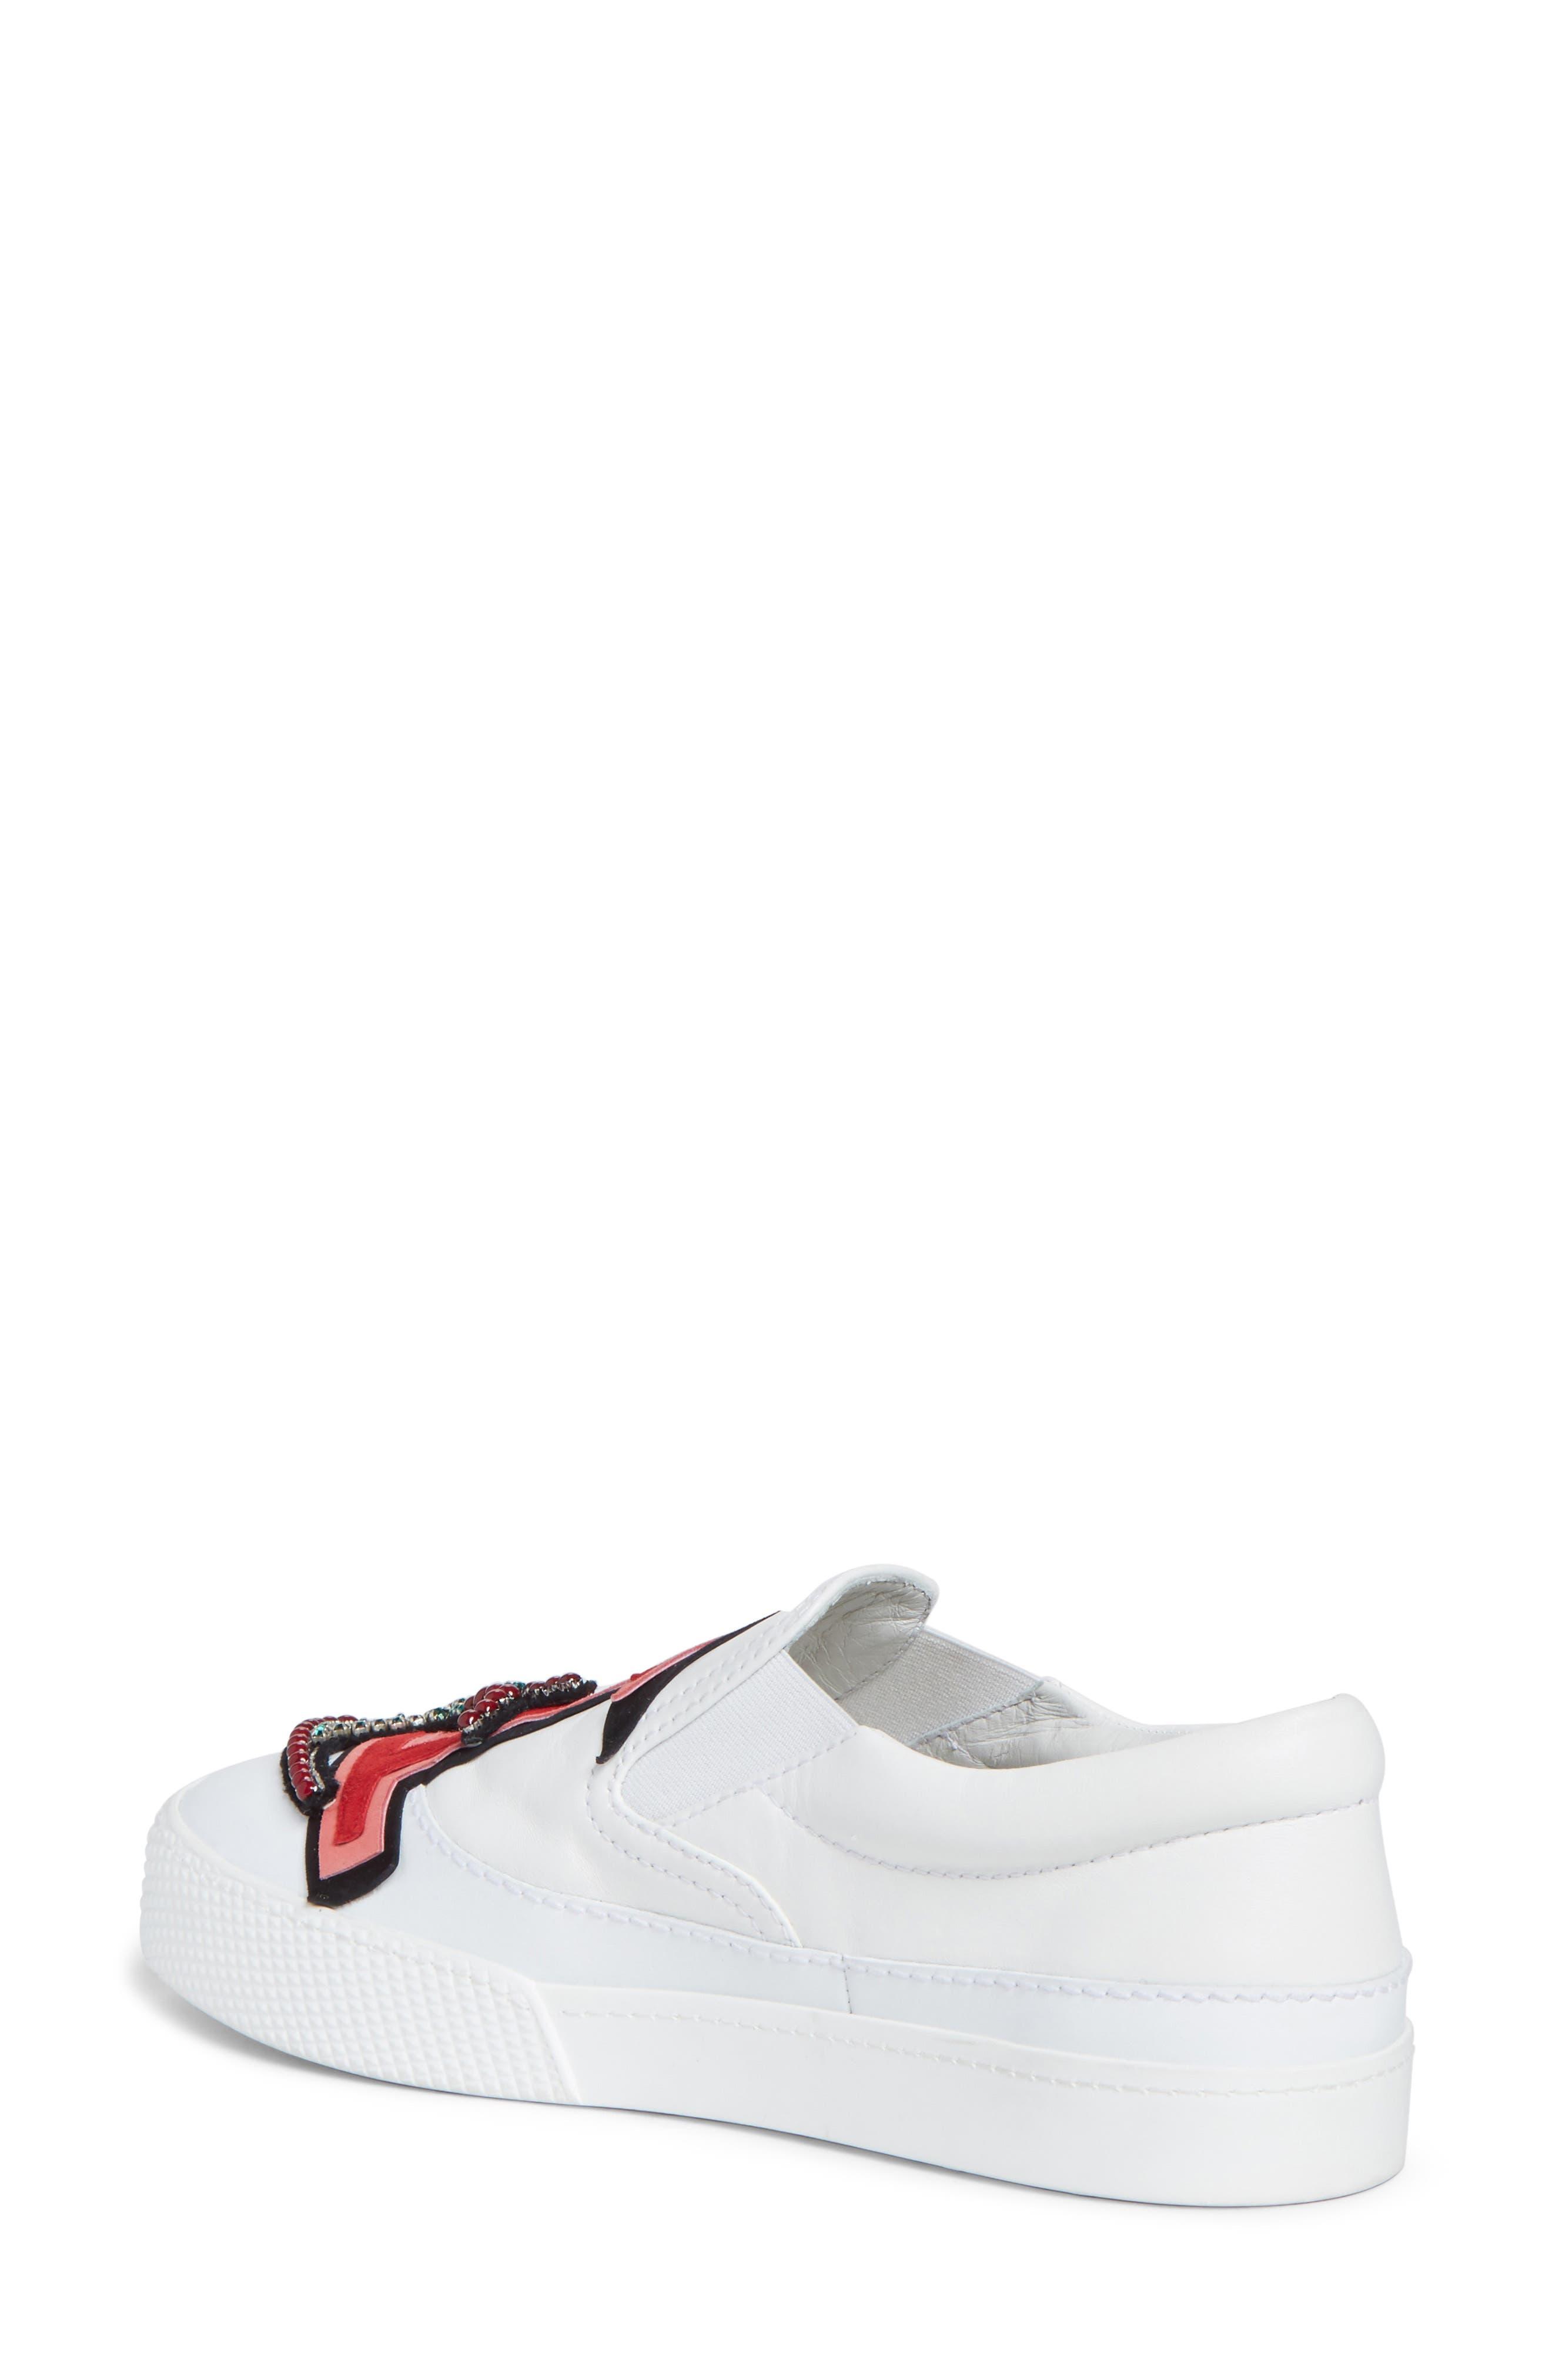 Alternate Image 2  - Miu Miu Embellished Slip-On Sneaker (Women)